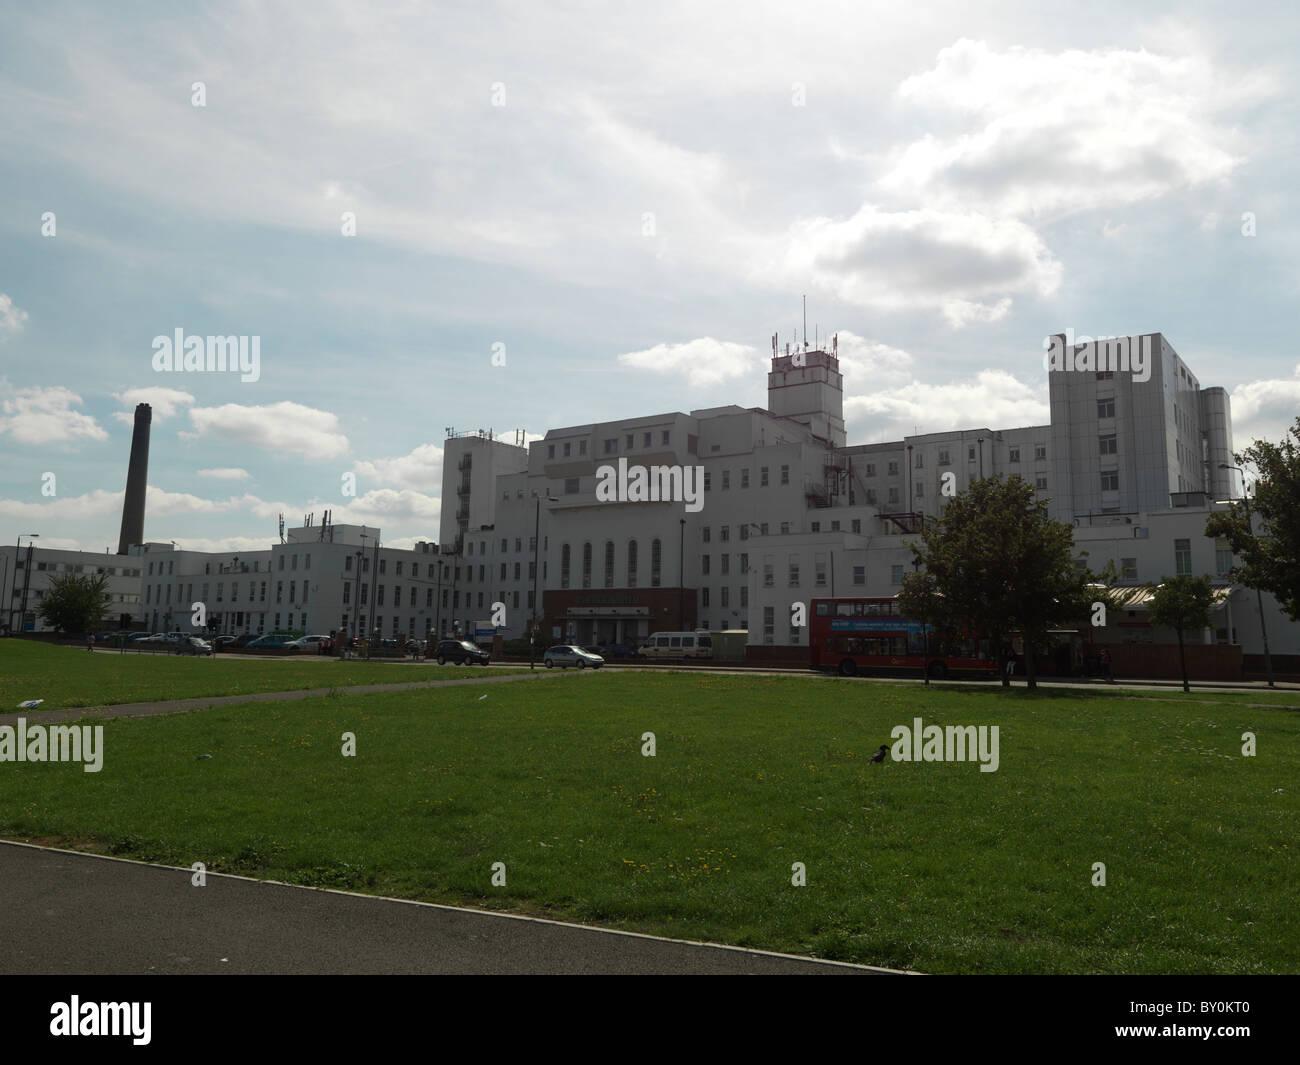 Carshalton Surrey England St Helier Hospital - Stock Image